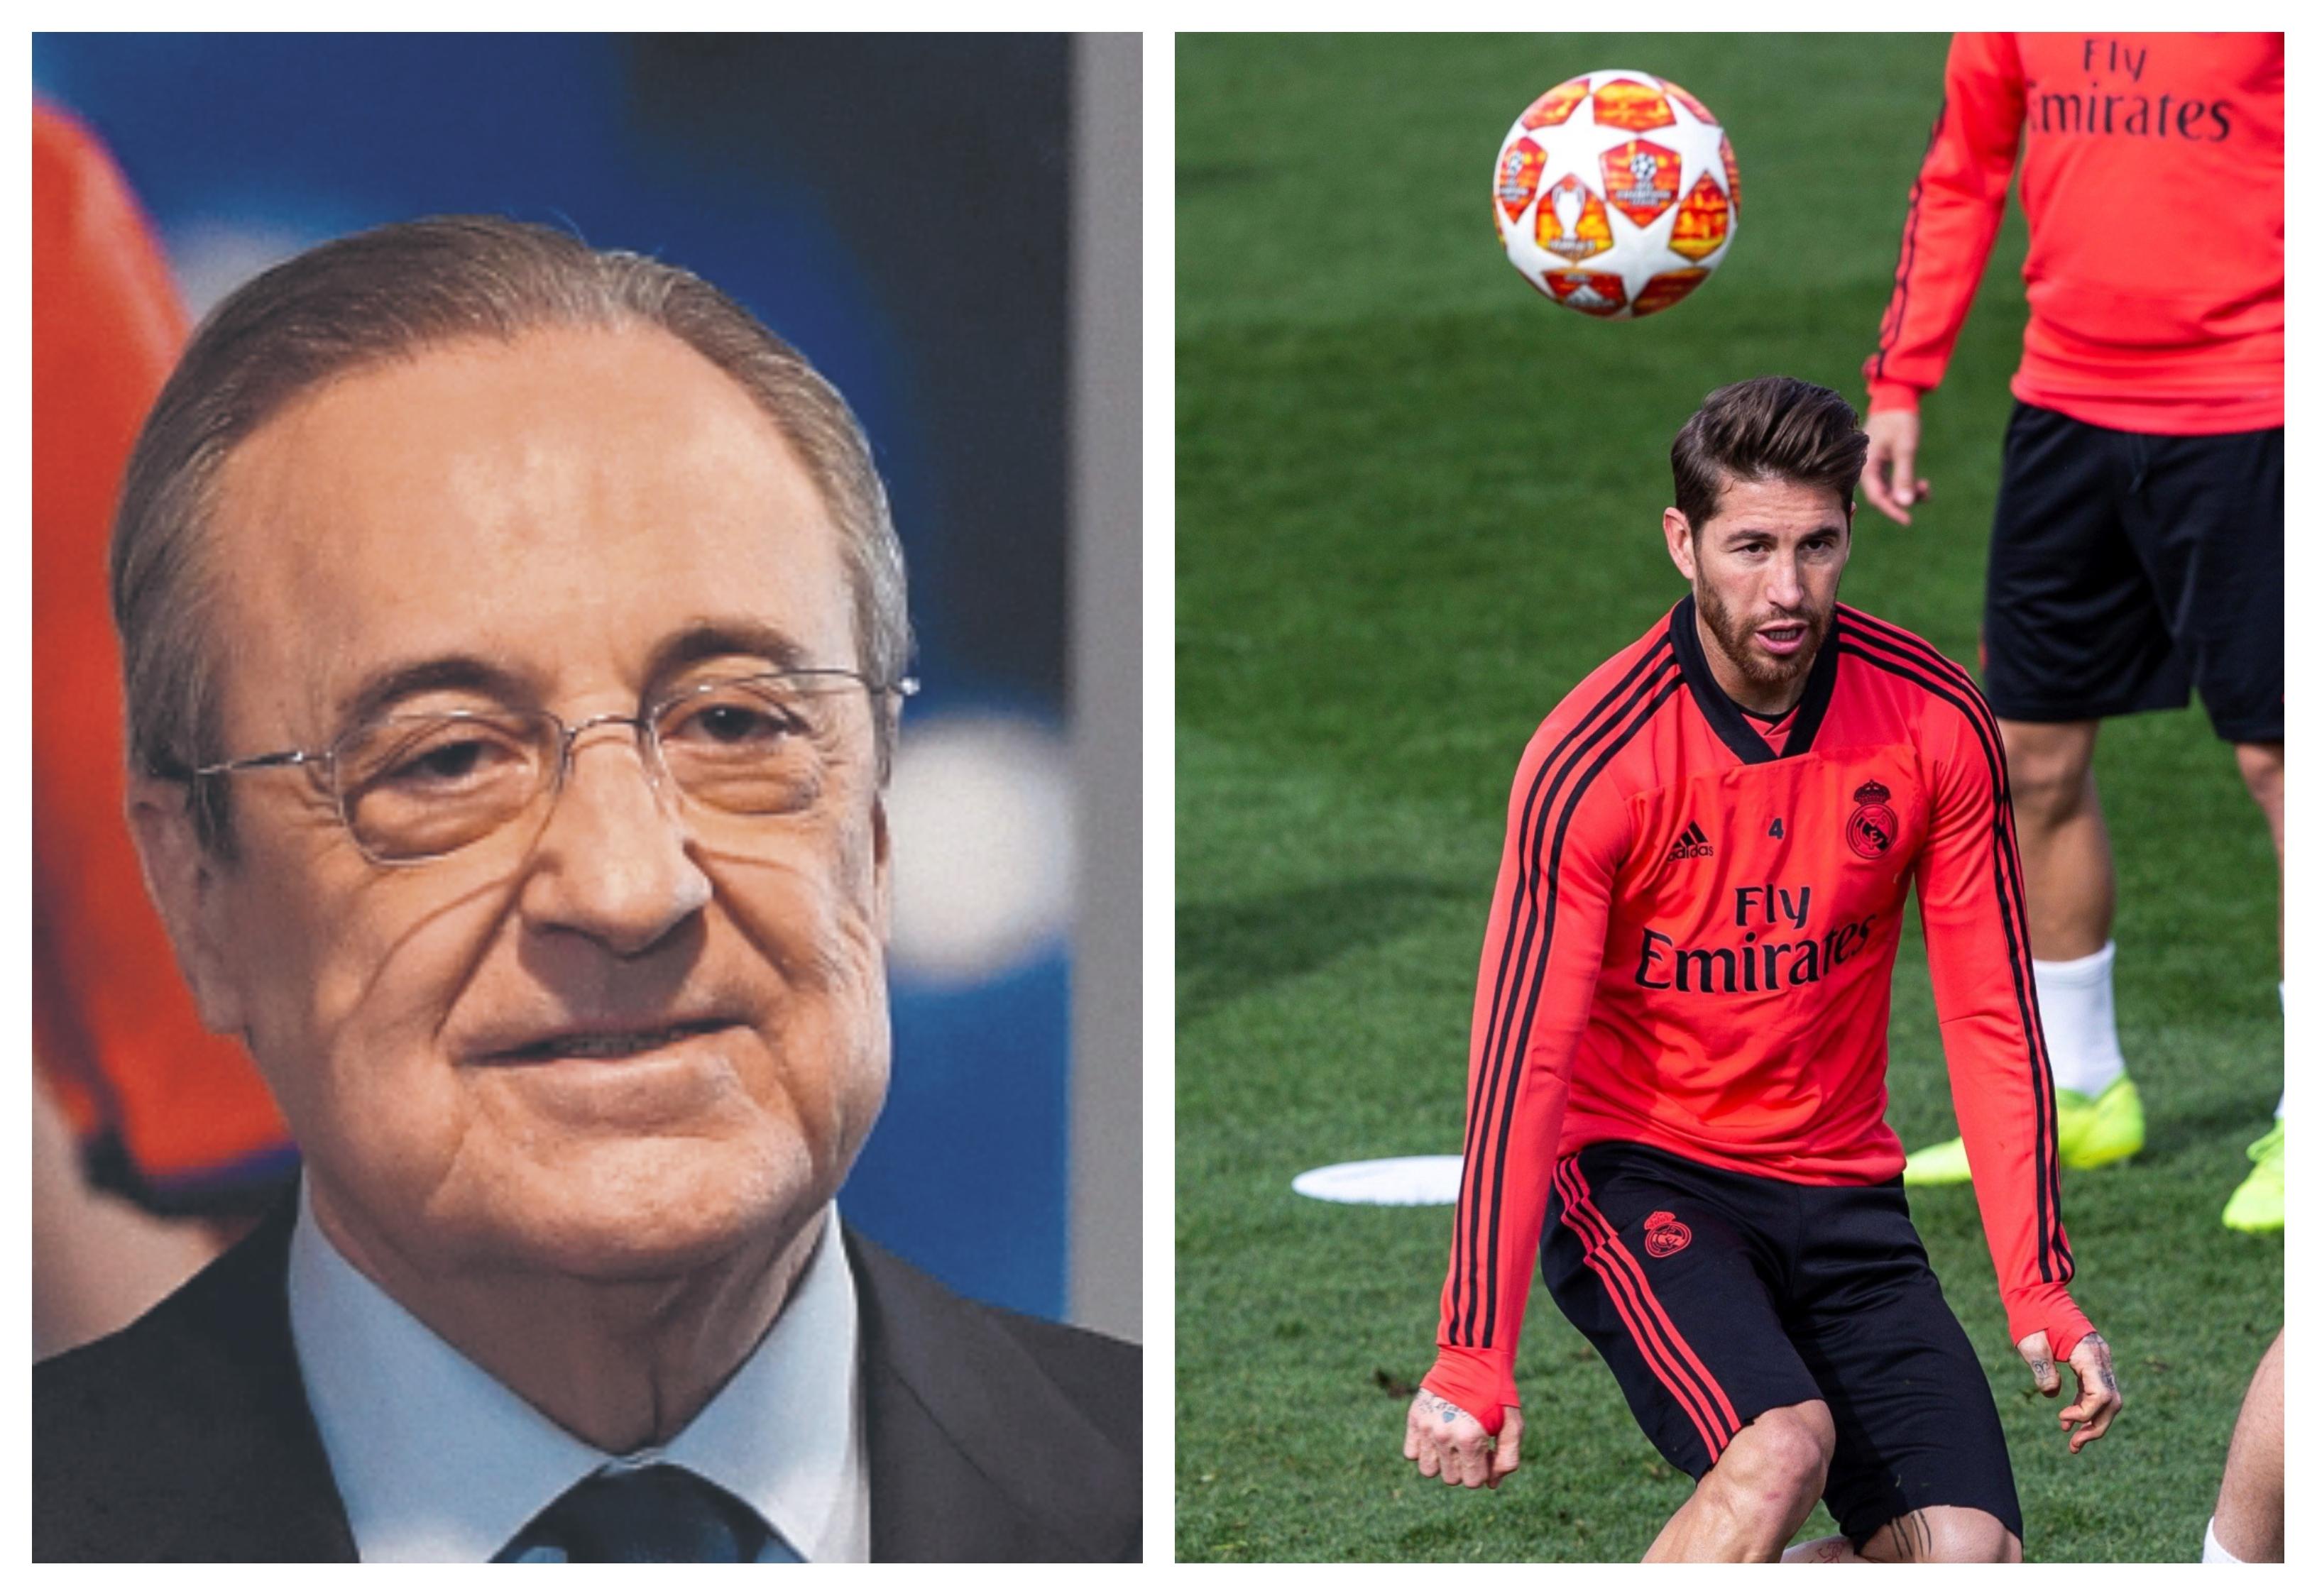 Florentino Pérez y Sergio Ramos habrían discutido tras la eliminación de la Champions League. (Foto Prensa Libre: Hemeroteca PL)